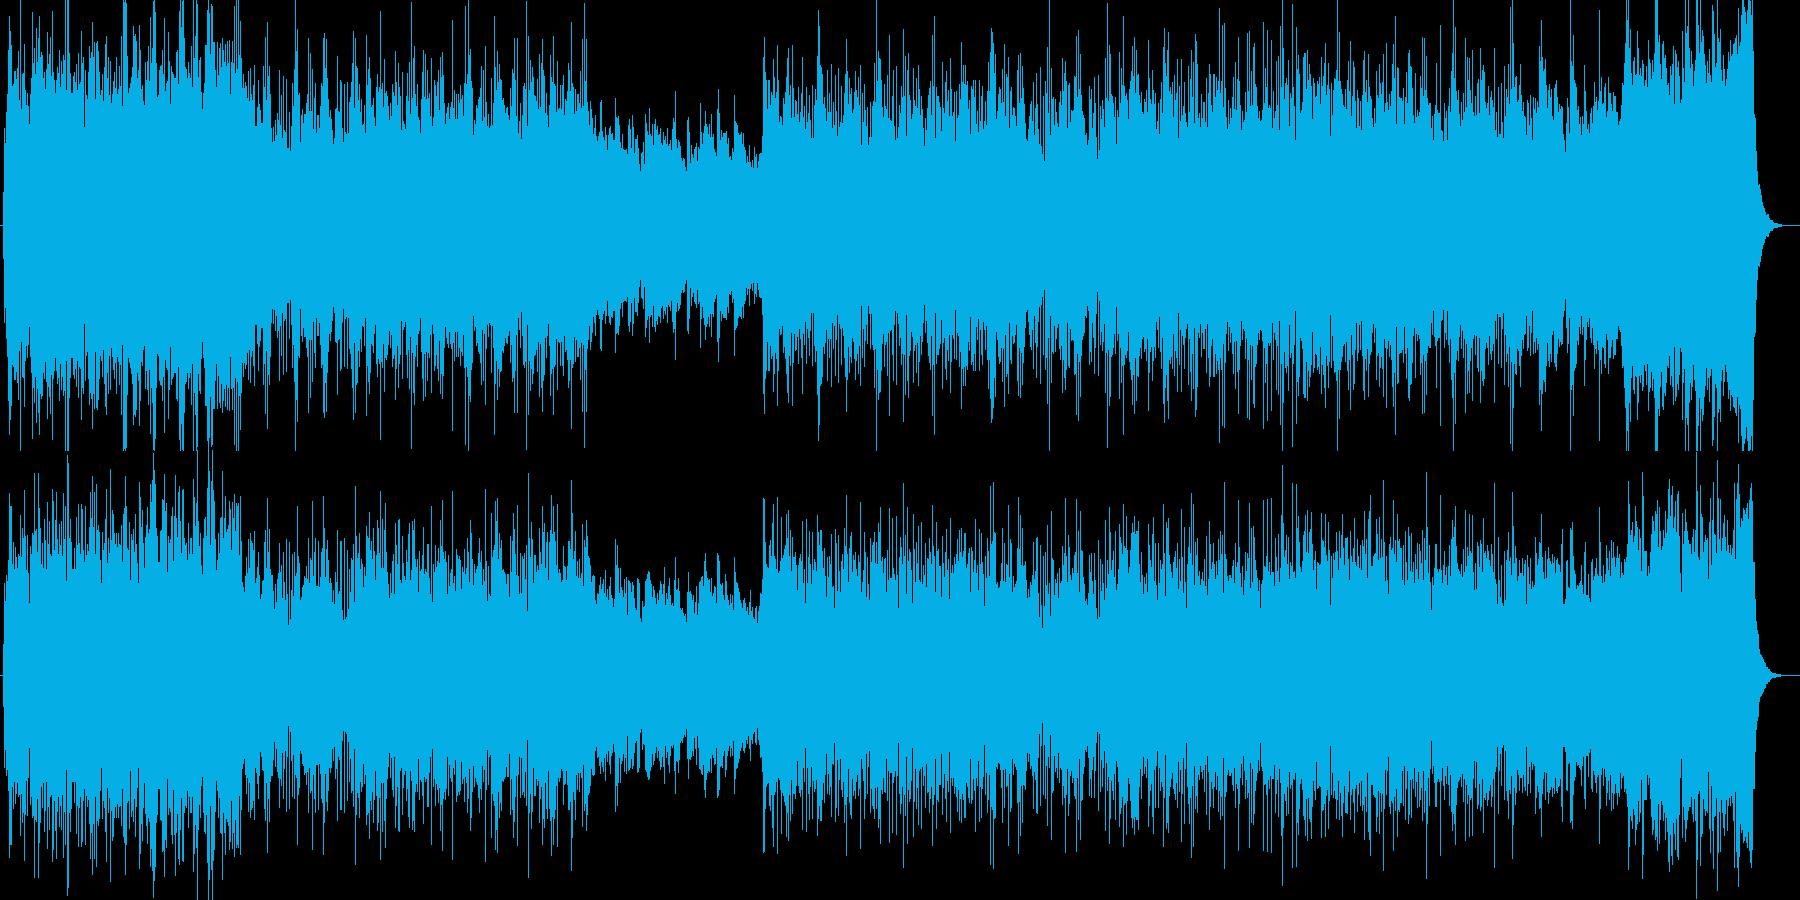 勢いと雄大さが印象シンセサイザーサウンドの再生済みの波形